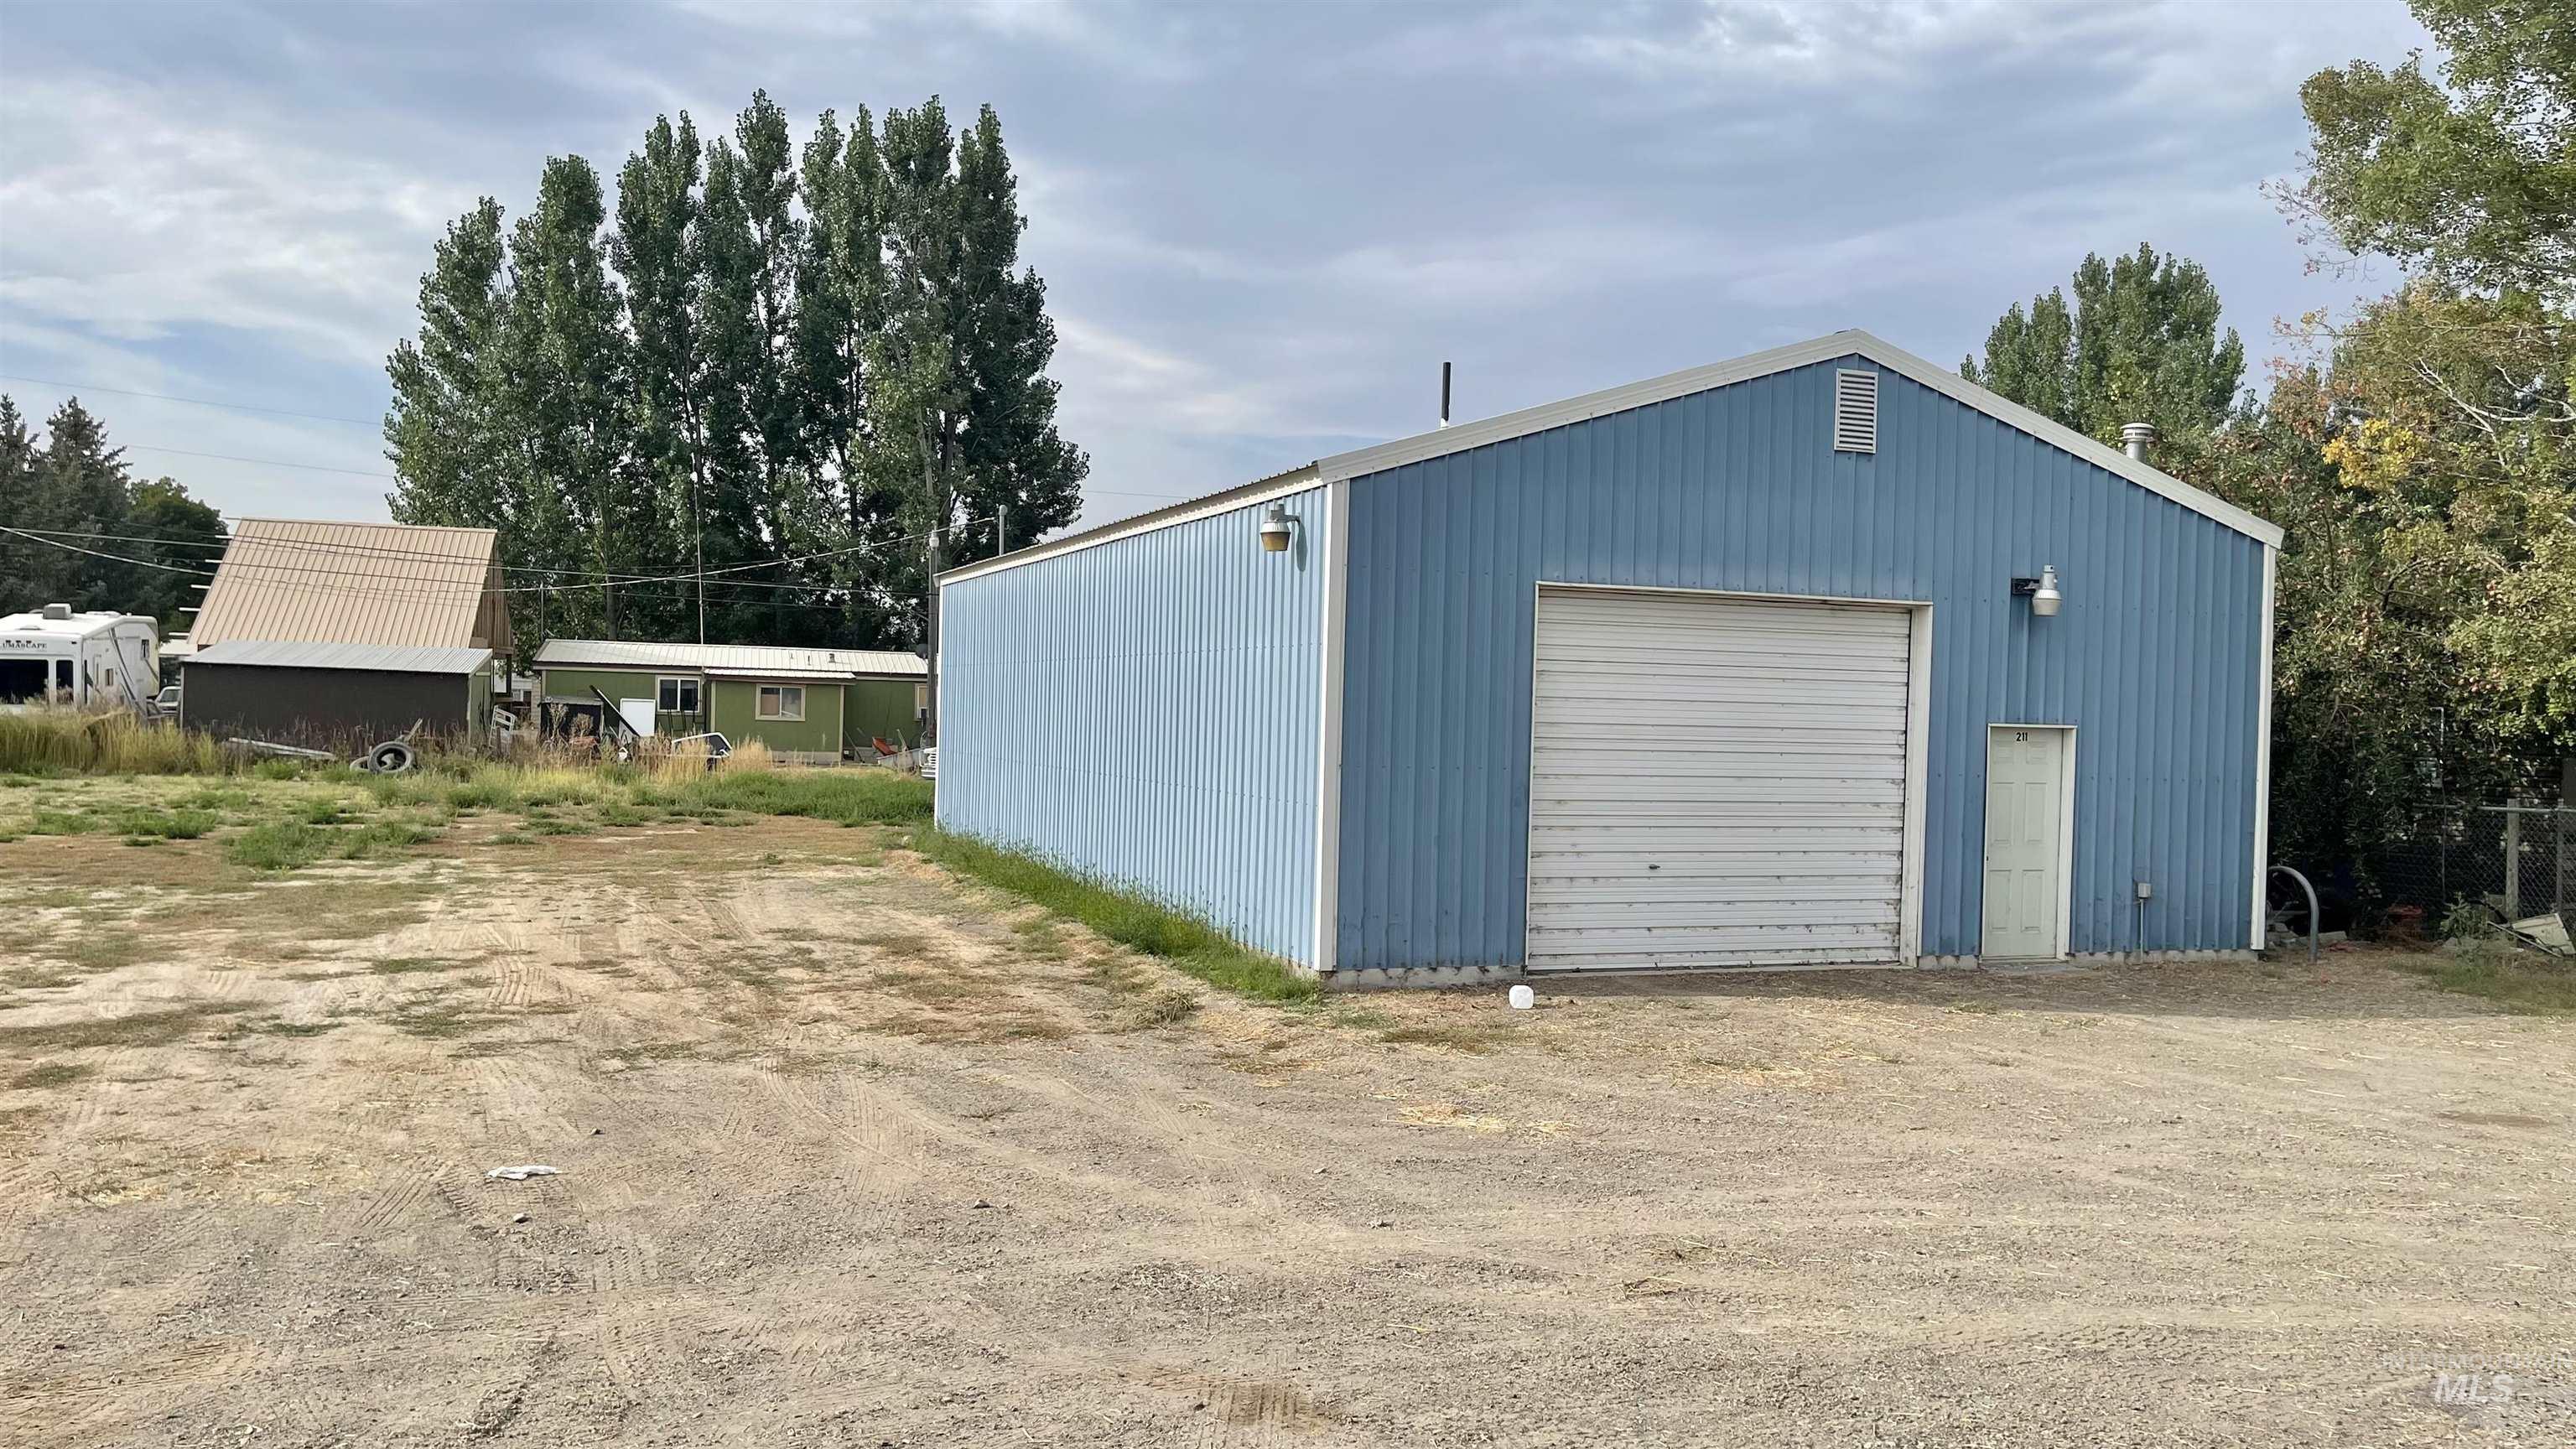 211 W 100 South (hwy 25) # 7 Property Photo